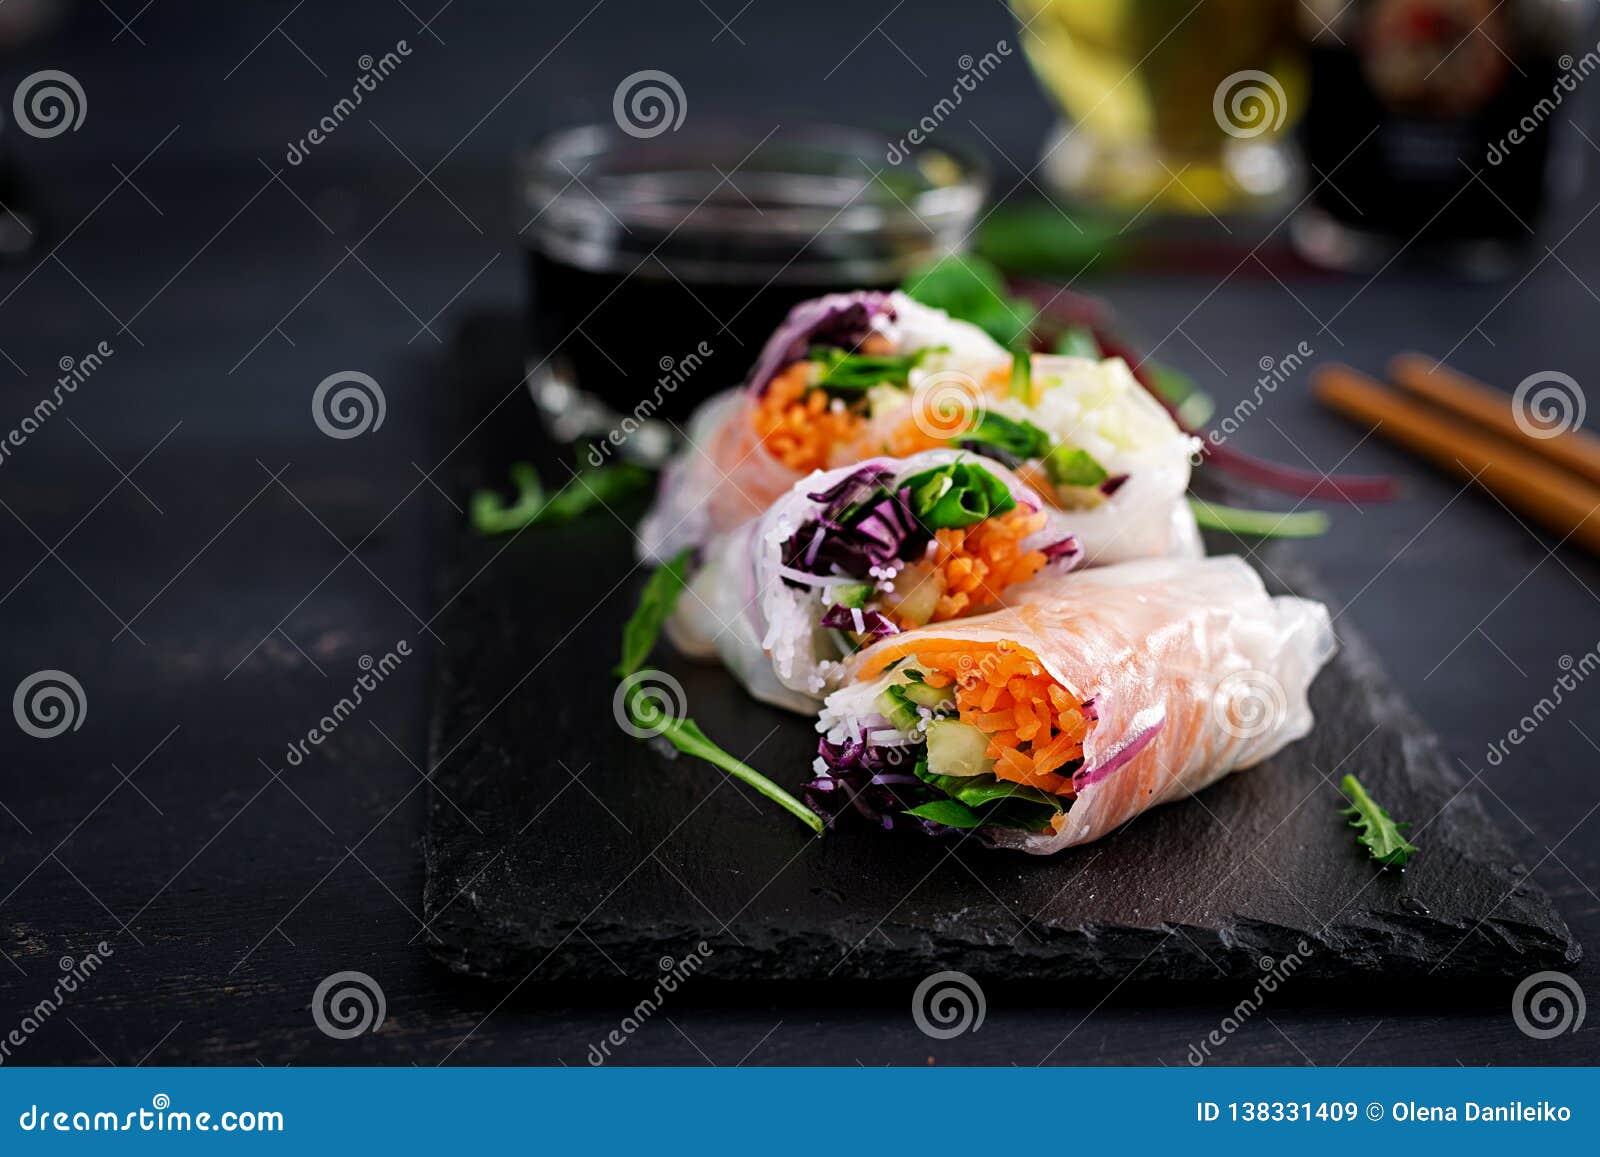 Vegetarische vietnamesische Frühlingsrollen mit würziger Soße, Karotte, Gurke